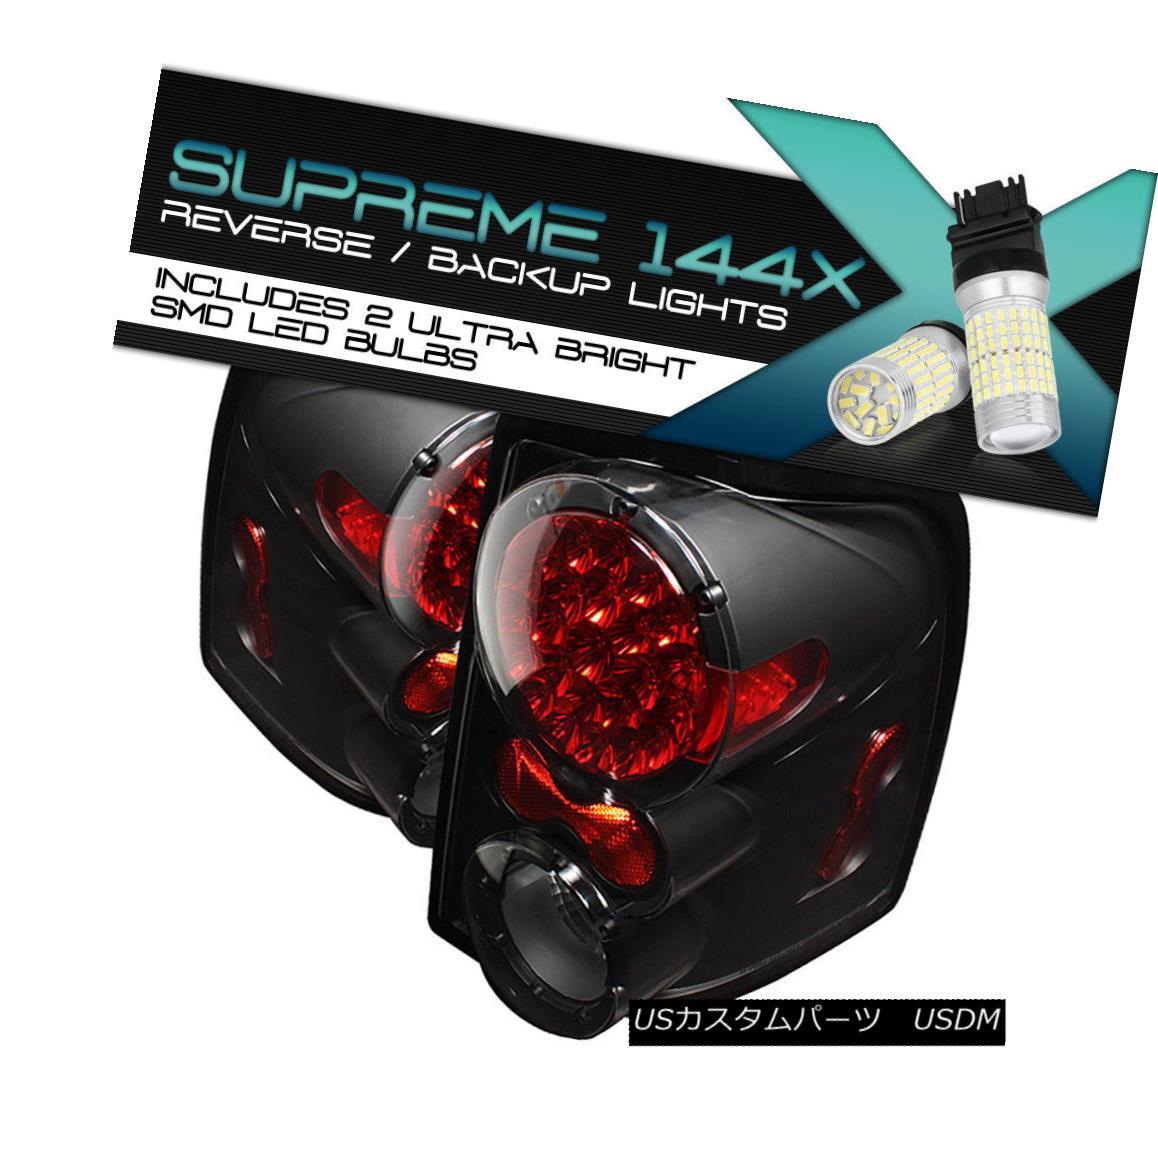 テールライト !360 Degree SMD Backup! Black LED Taillights Brake 02-05 Ford Explorer Sport/XLS 360度SMDバックアップ! ブラックLEDテールライトブレーキ02-05 Ford Explorer Sport / XLS